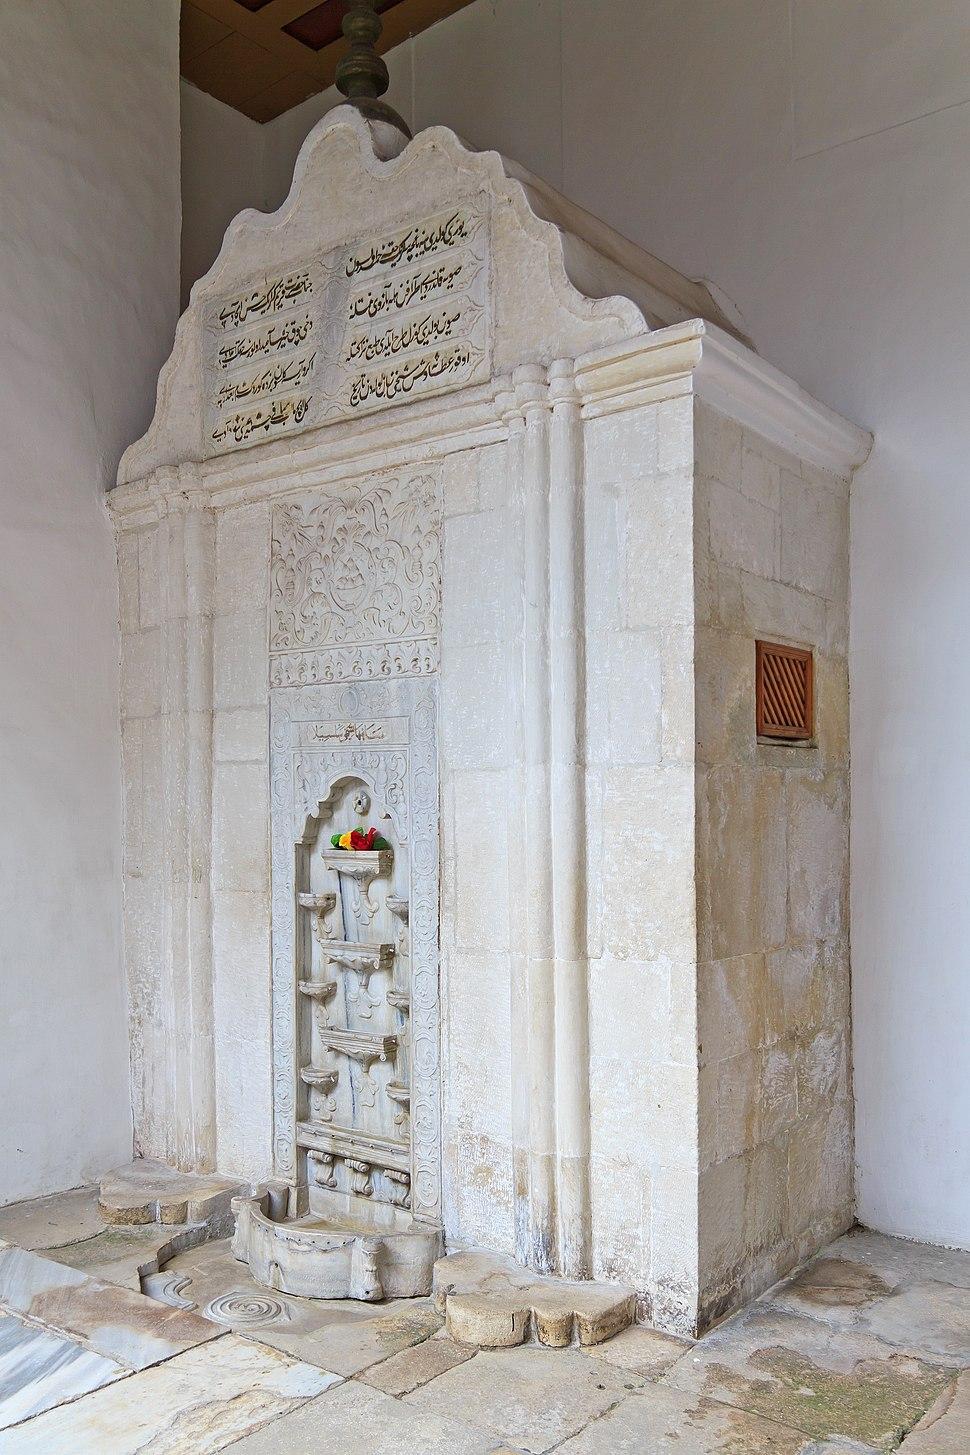 Bakhchysarai 04-14 img11 Palace Fountain of Tears